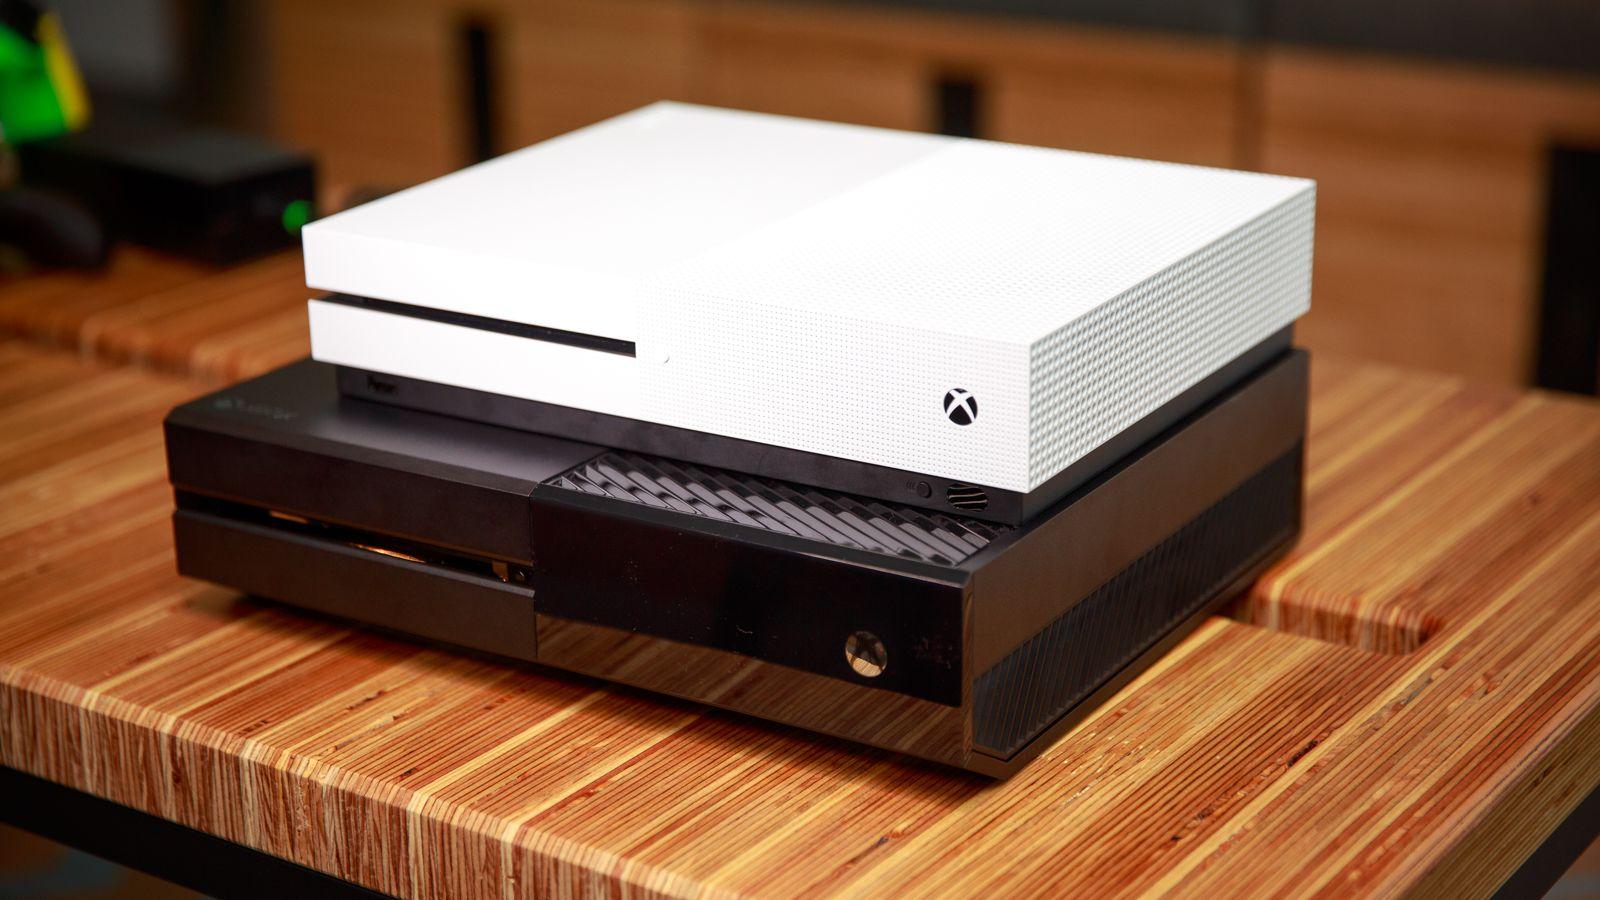 Τίτλοι τέλους για την παραγωγή του original Xbox One - videogamer.gr